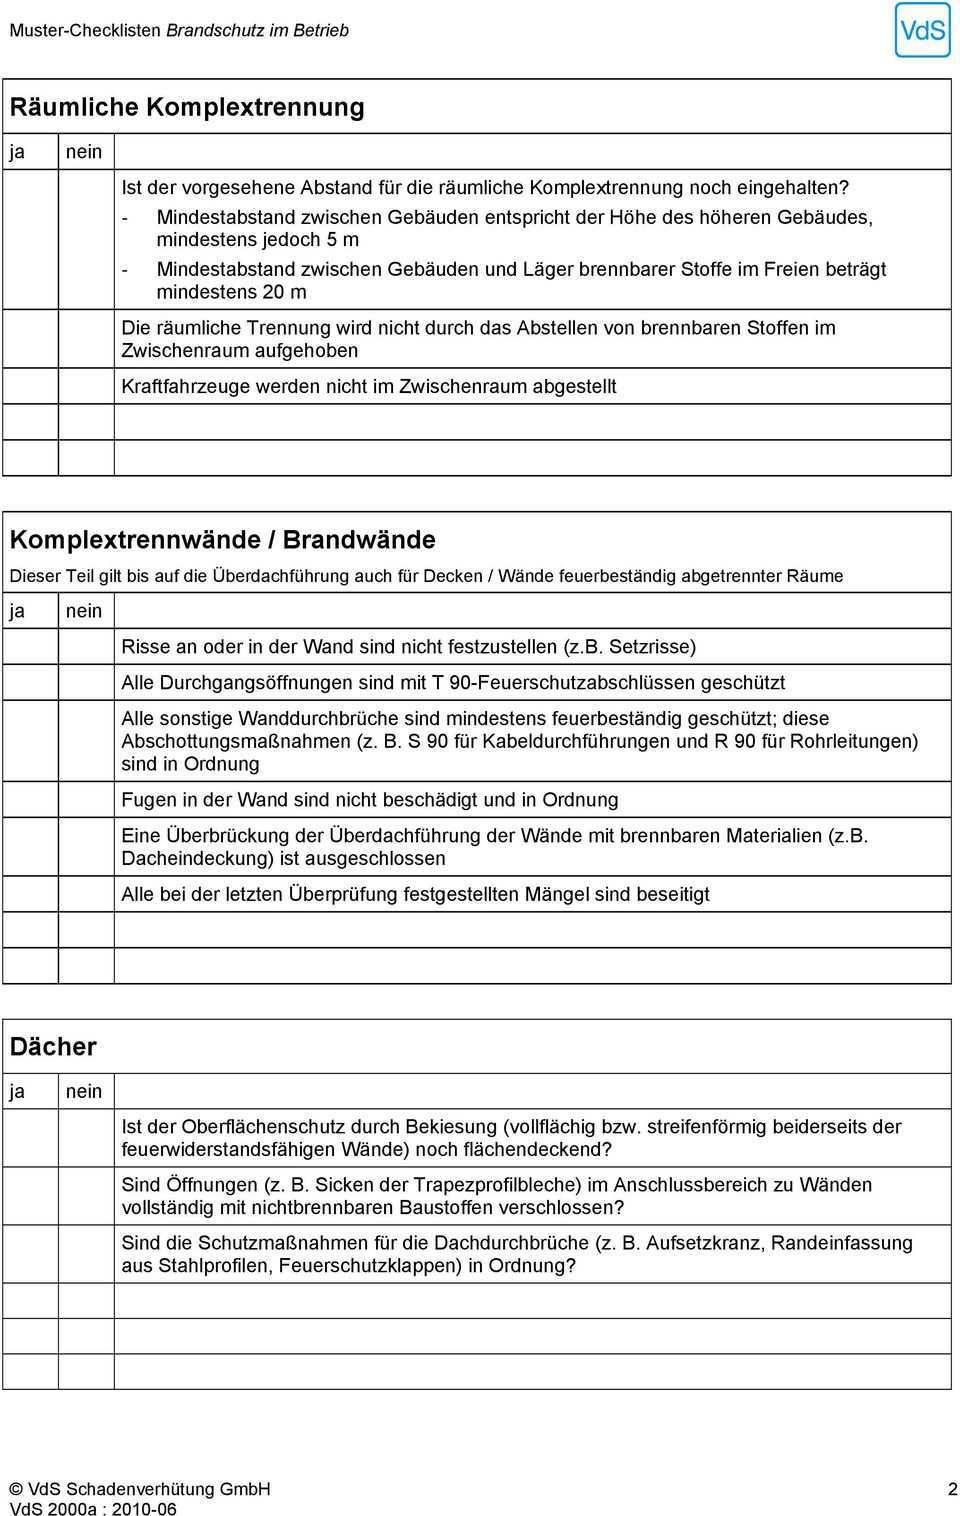 Muster Checklisten Brandschutz Im Betrieb Pdf Kostenfreier Download